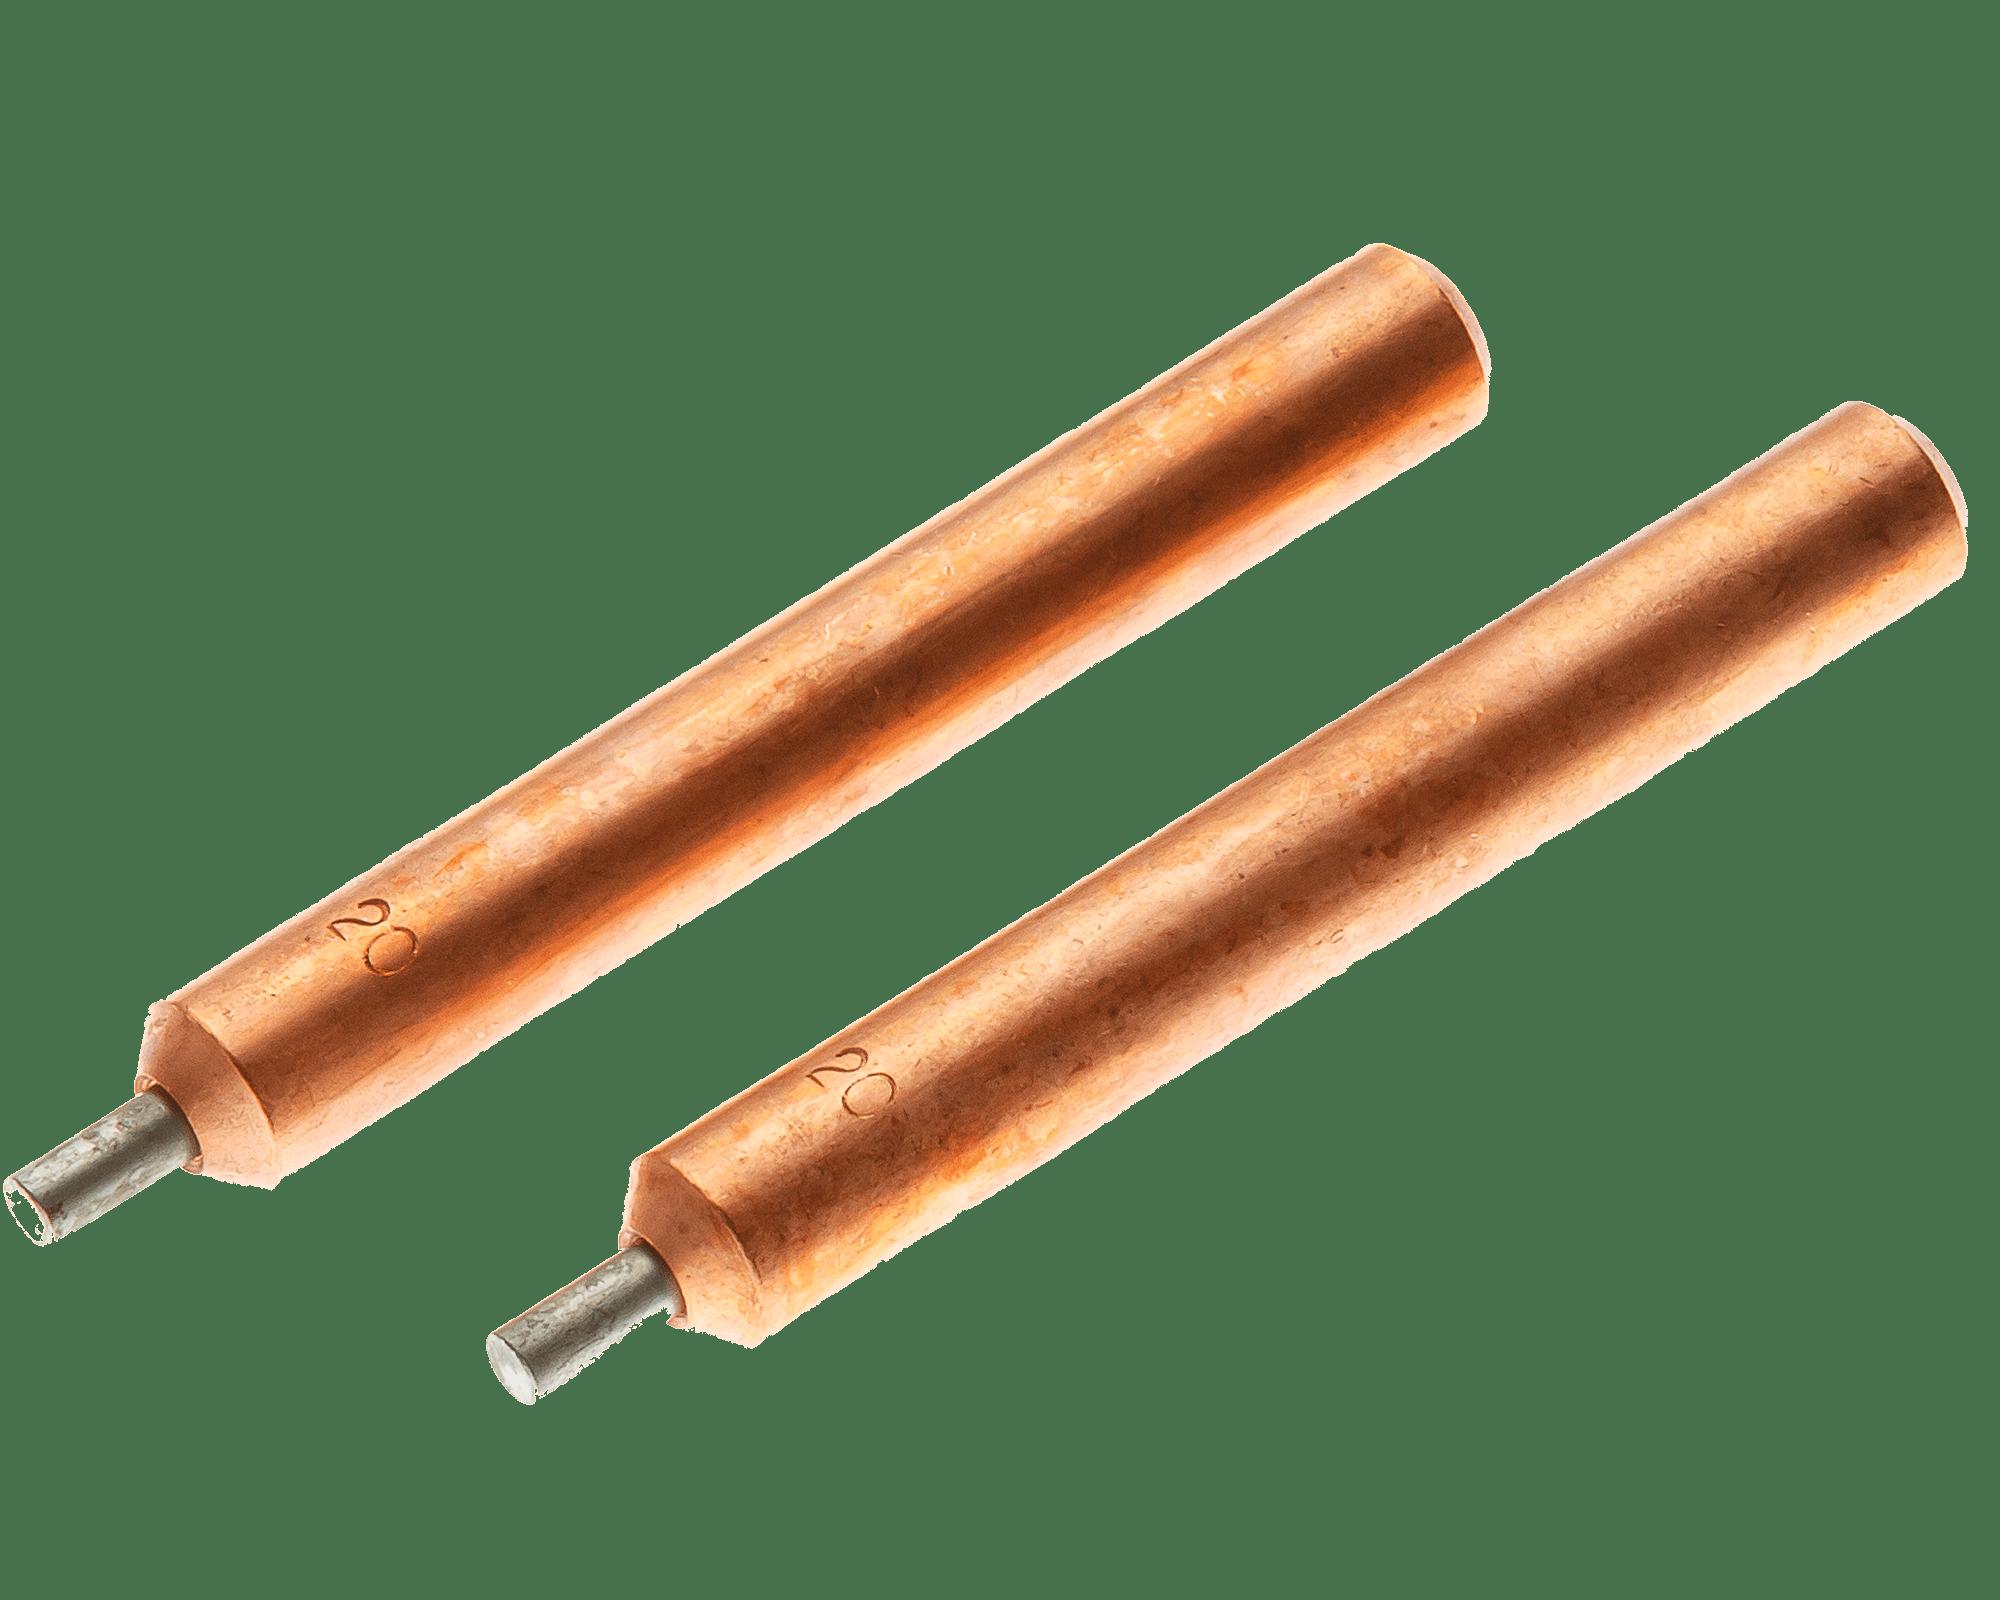 """ES0820 Straight Electrode Set <br> 1/4"""" OD, 3/32"""" Tip OD <br> Molybdenum Insert"""